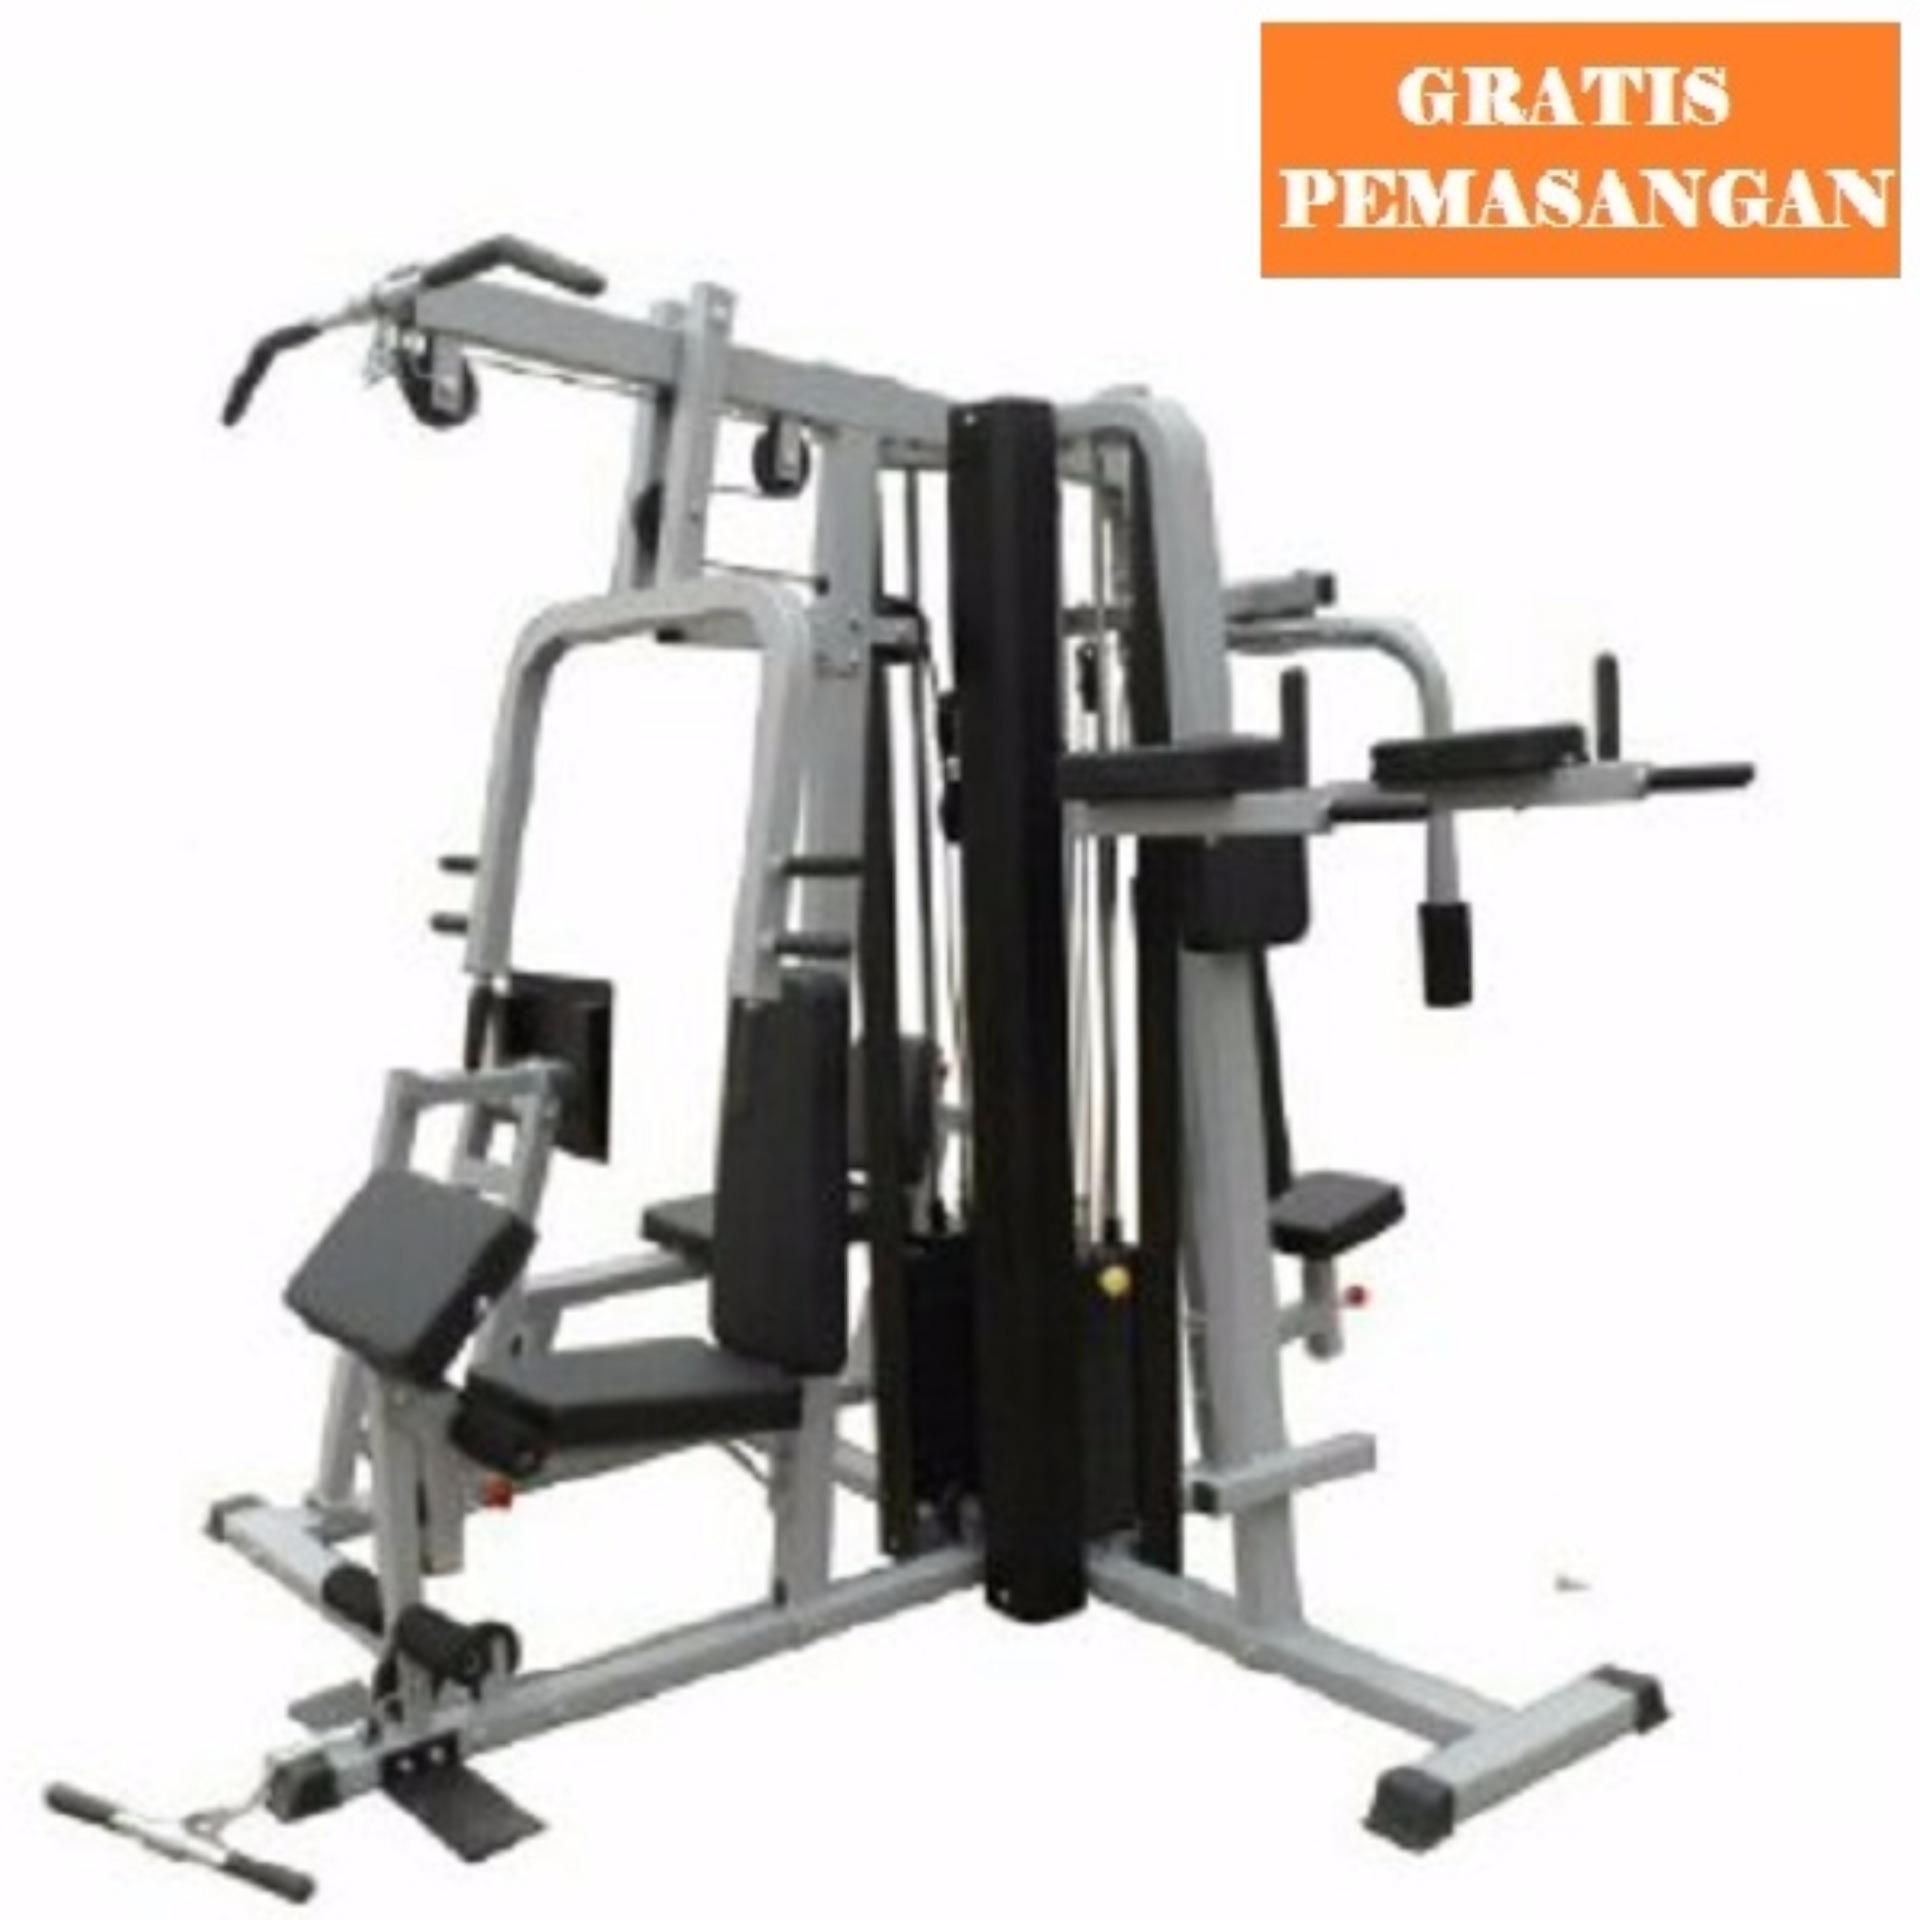 Gratis Ongkir Jabodetabek-Karawang-Serang  Sports Home Gym 4 Sisi Grey